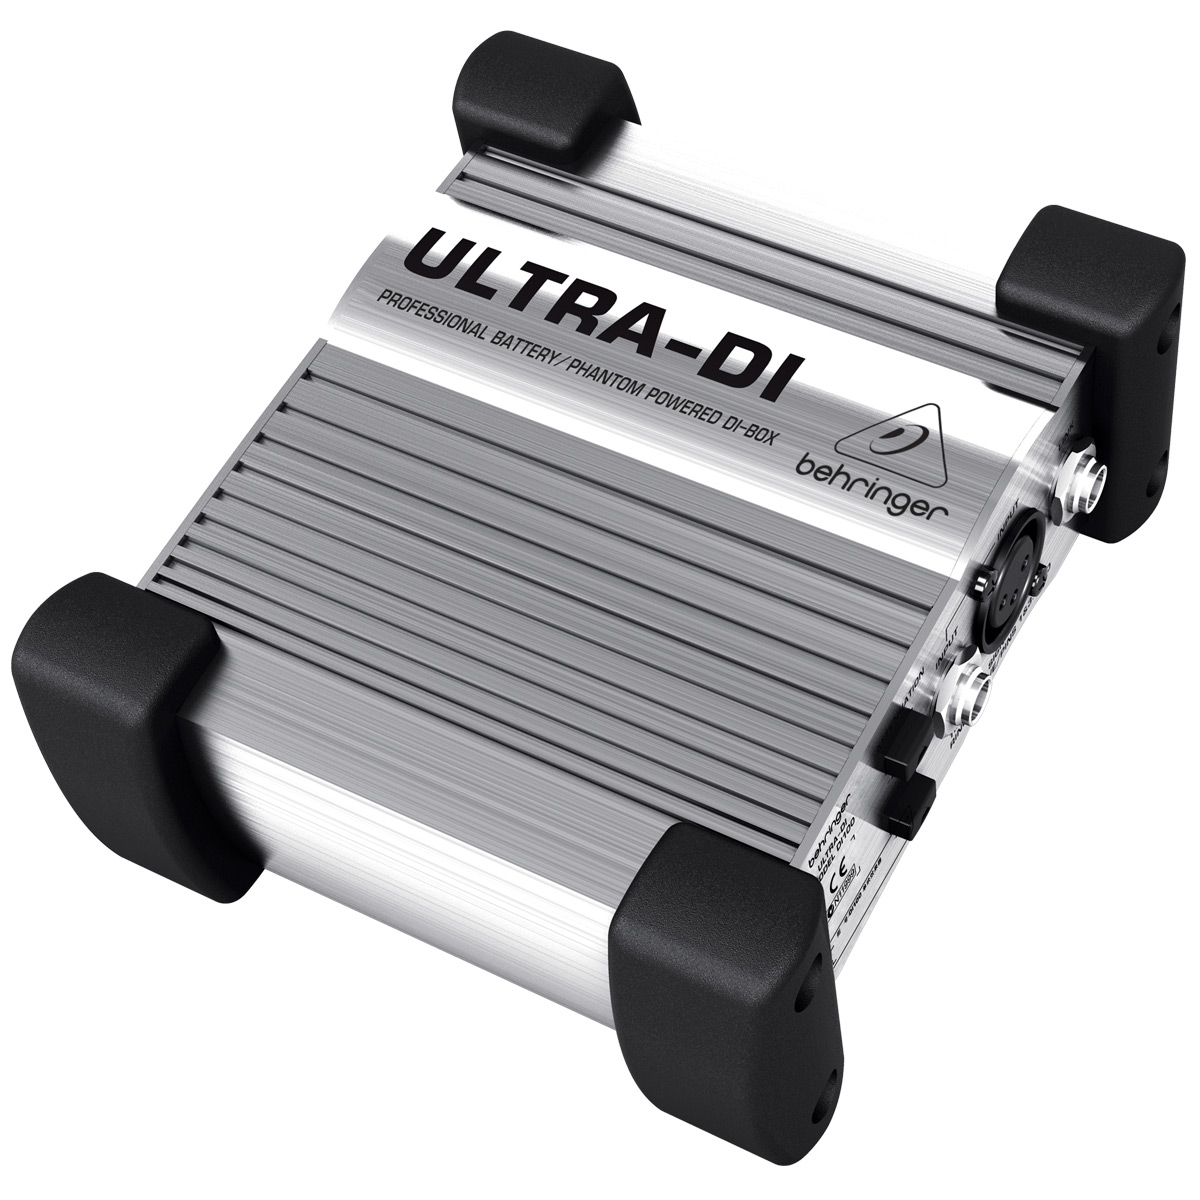 DI100 - Direct Box Ativo Ultra DI DI 100 - Behringer